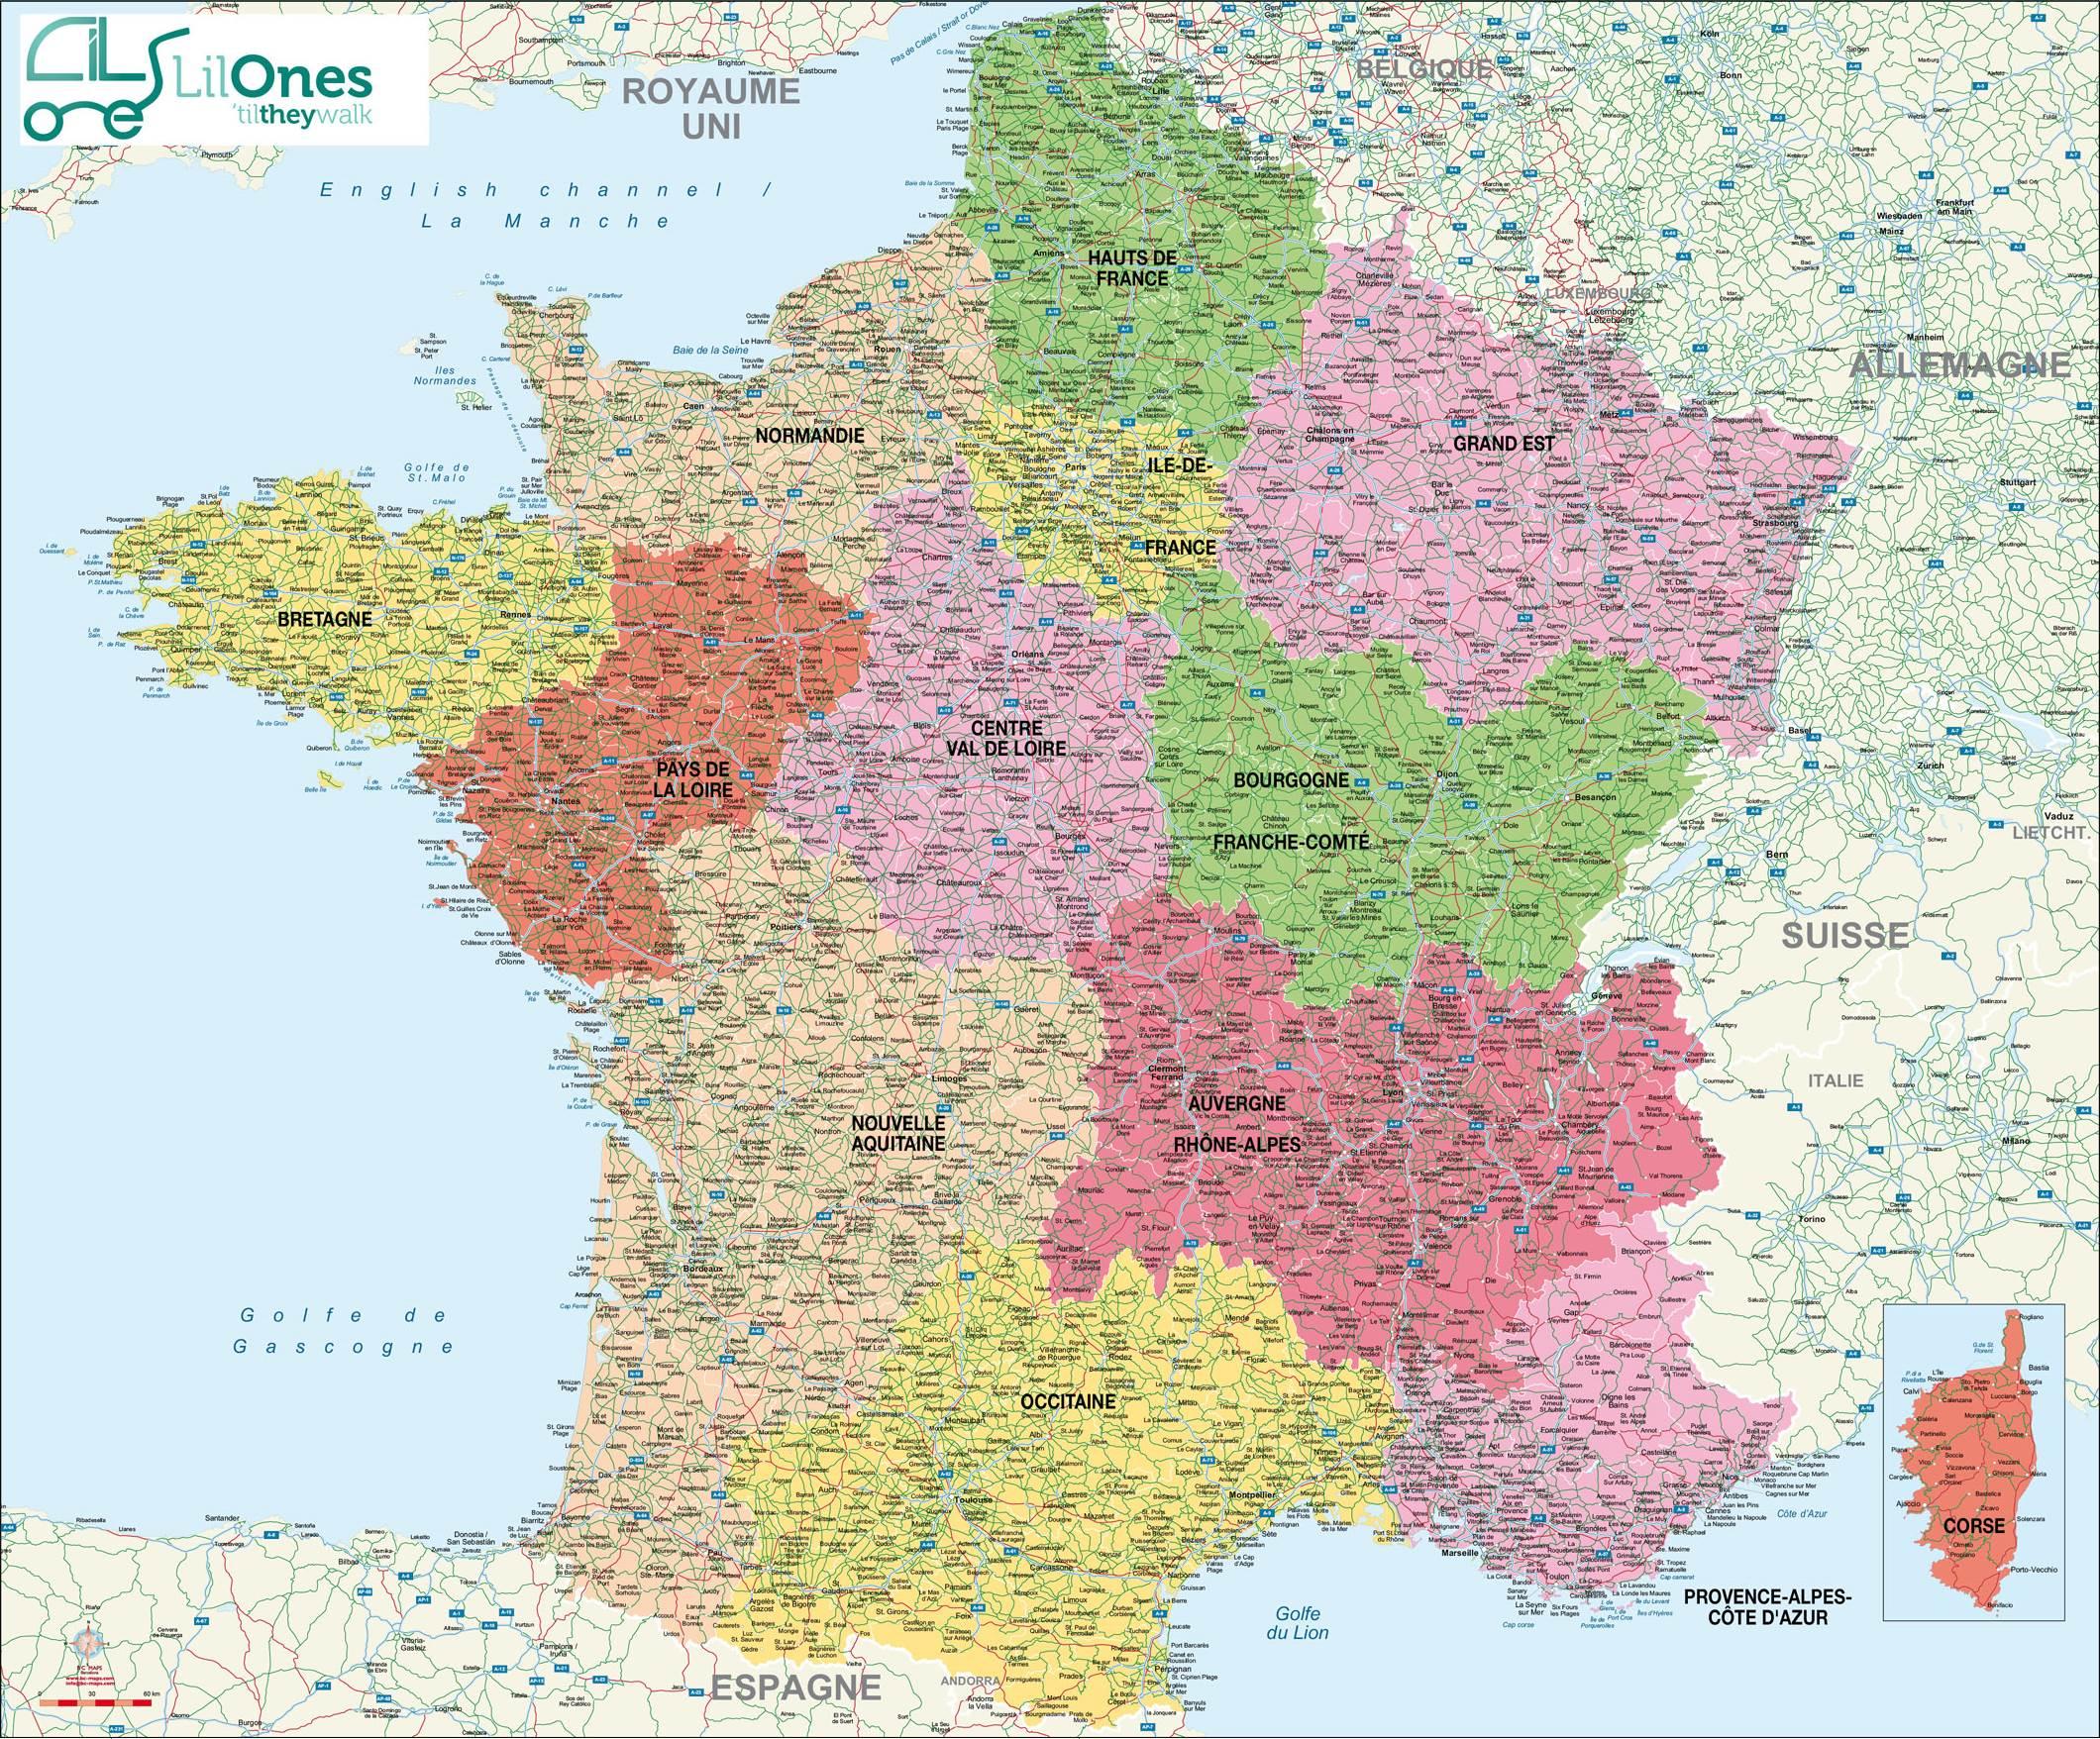 Cartes De France : Cartes Des Régions, Départements Et destiné Régions De France Liste